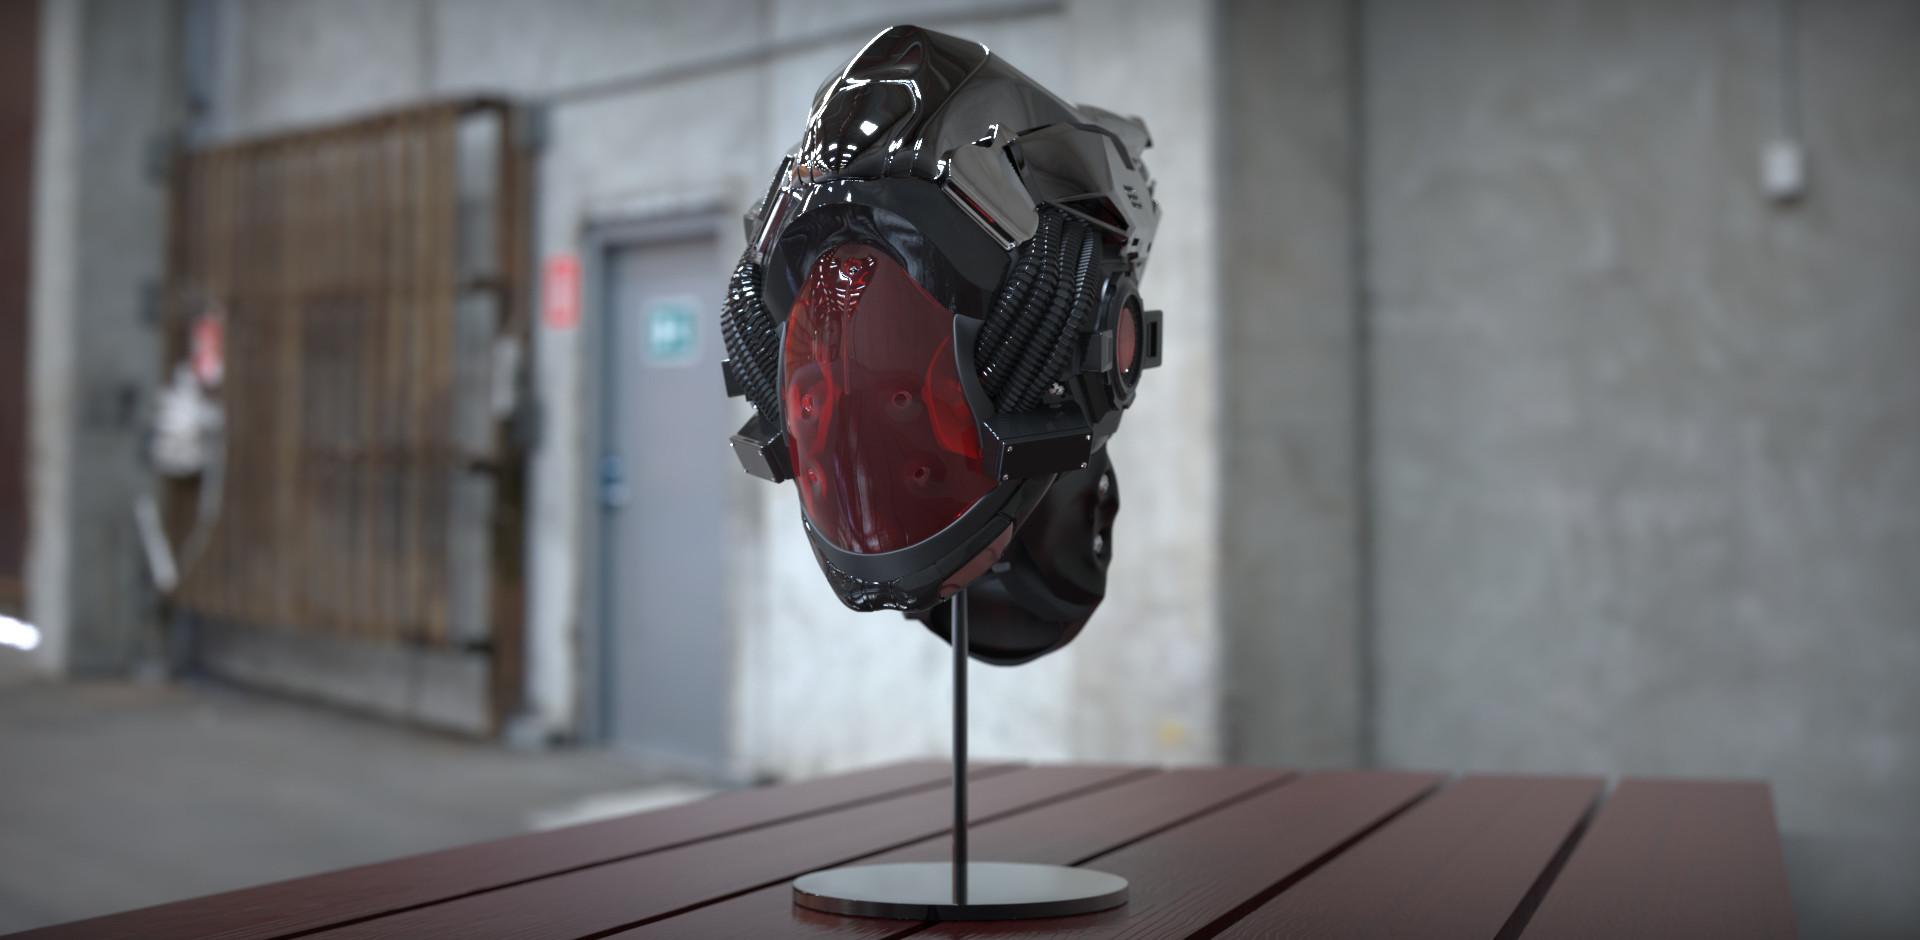 Brandon pham 01 helmet